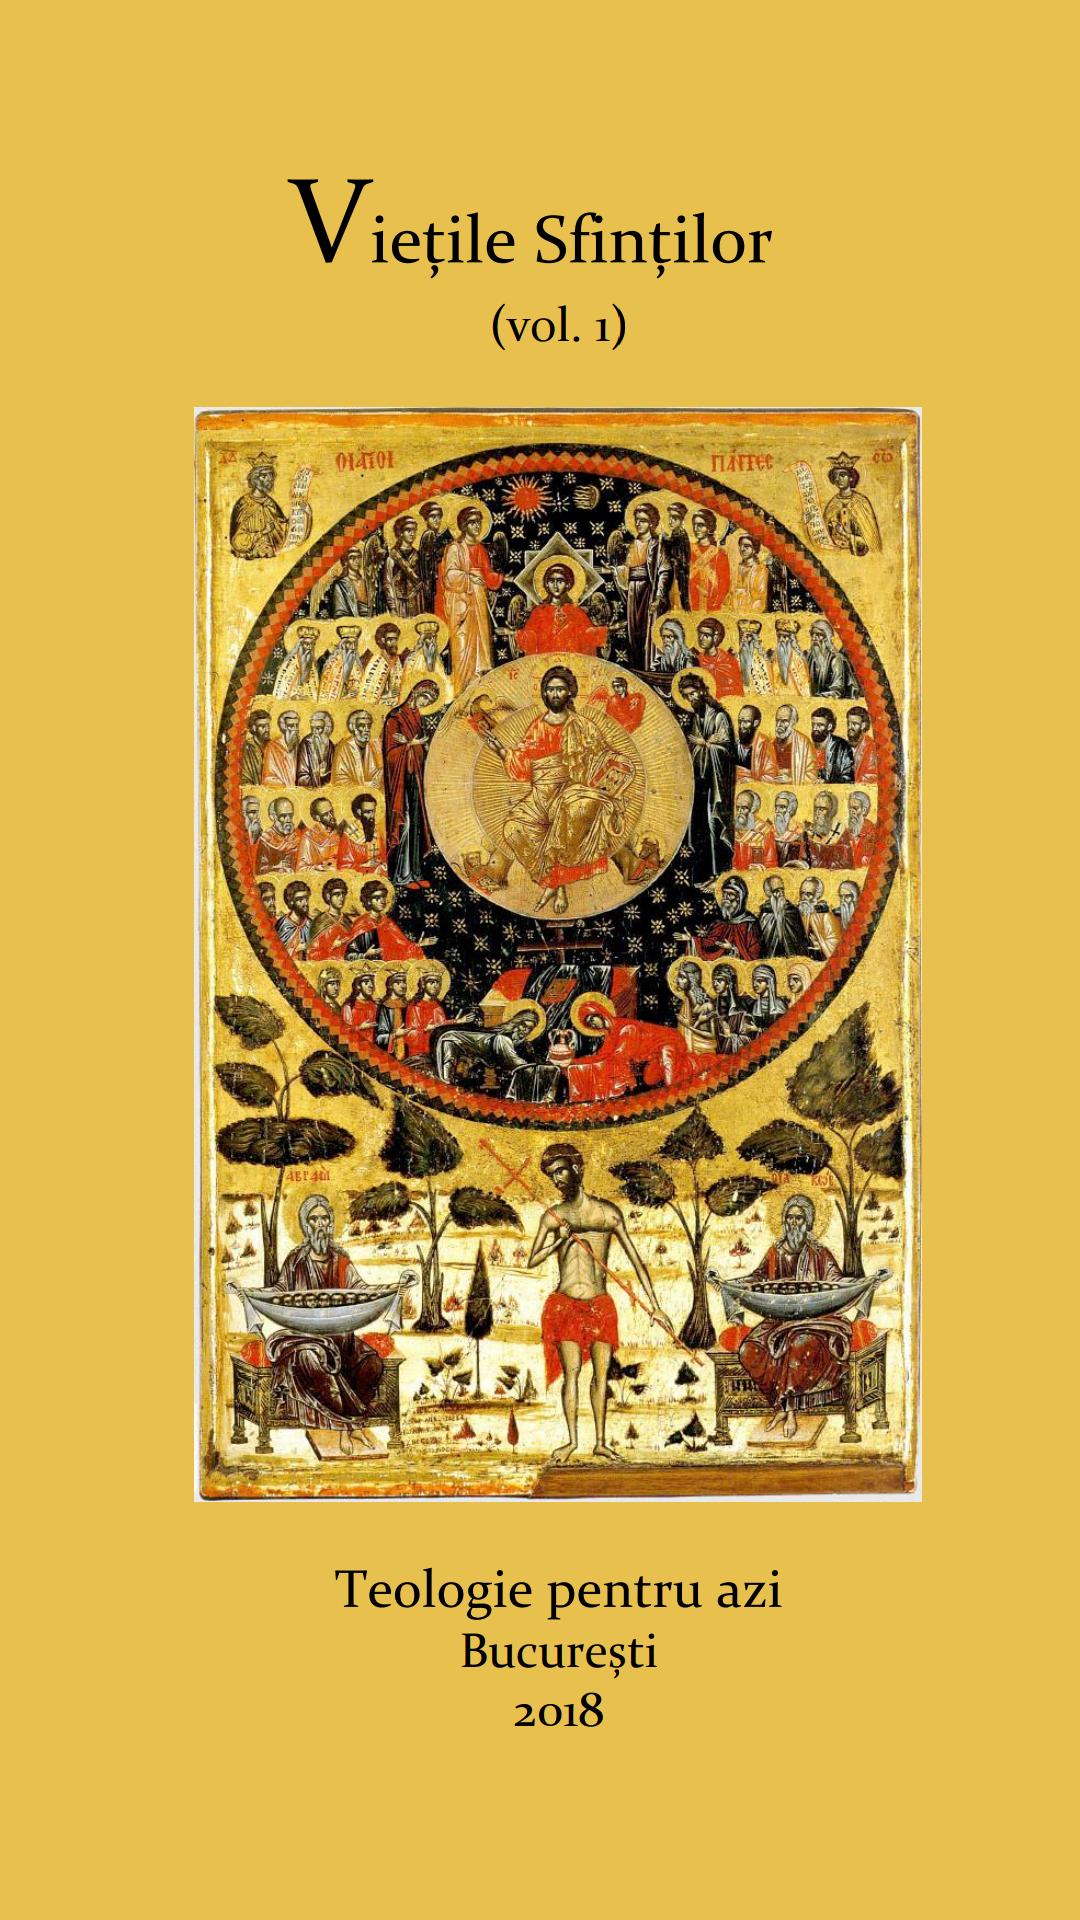 159. Vietile Sfintilor (vol. 1)